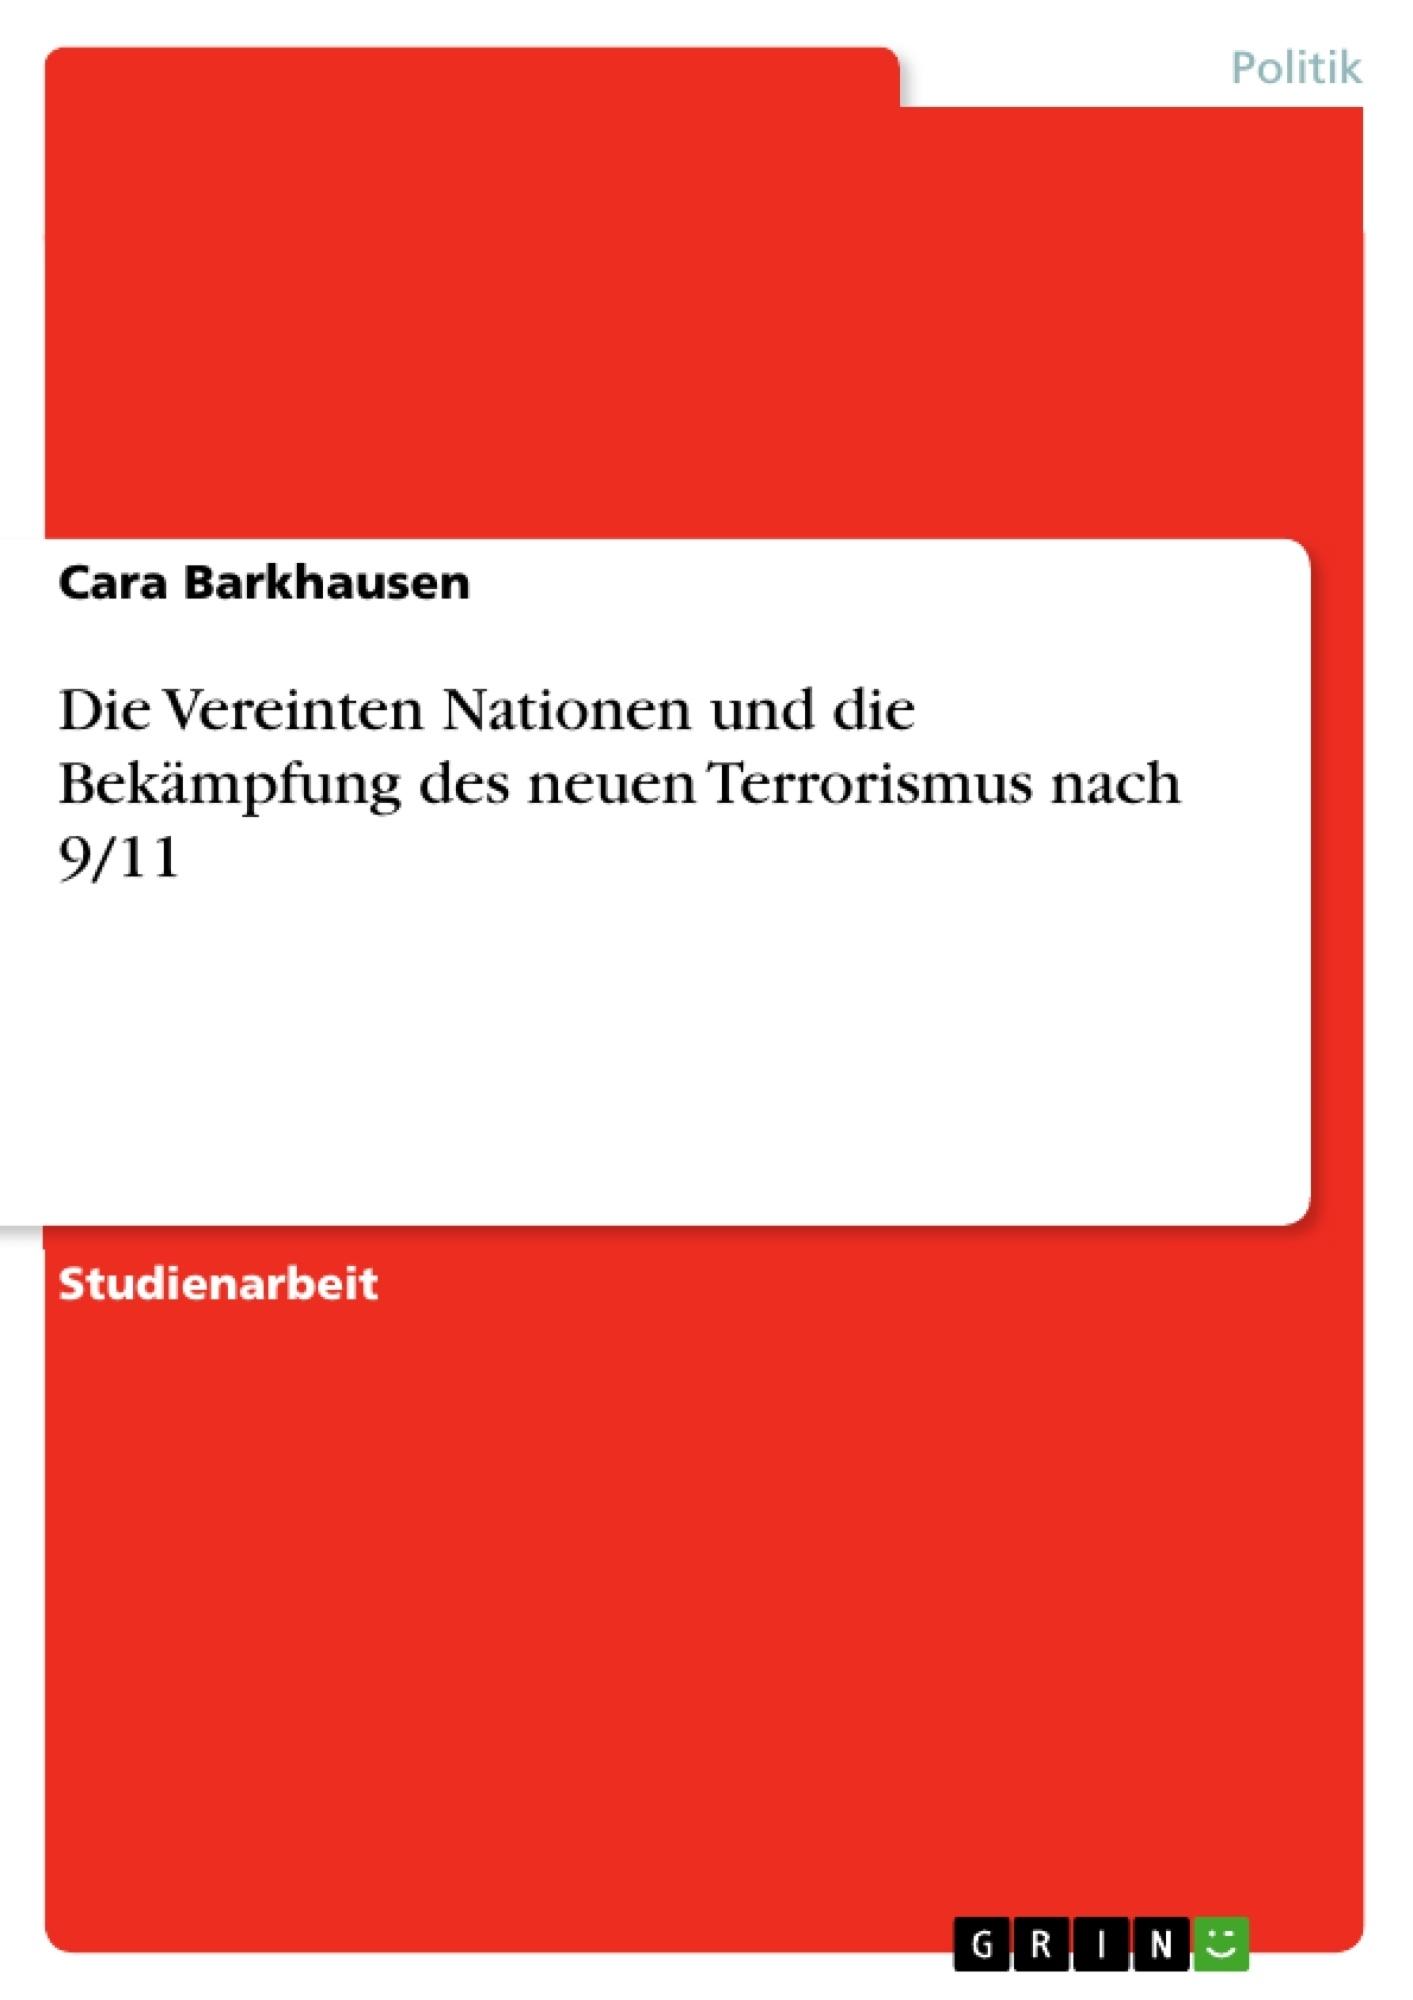 Titel: Die Vereinten Nationen und die Bekämpfung des neuen Terrorismus nach 9/11